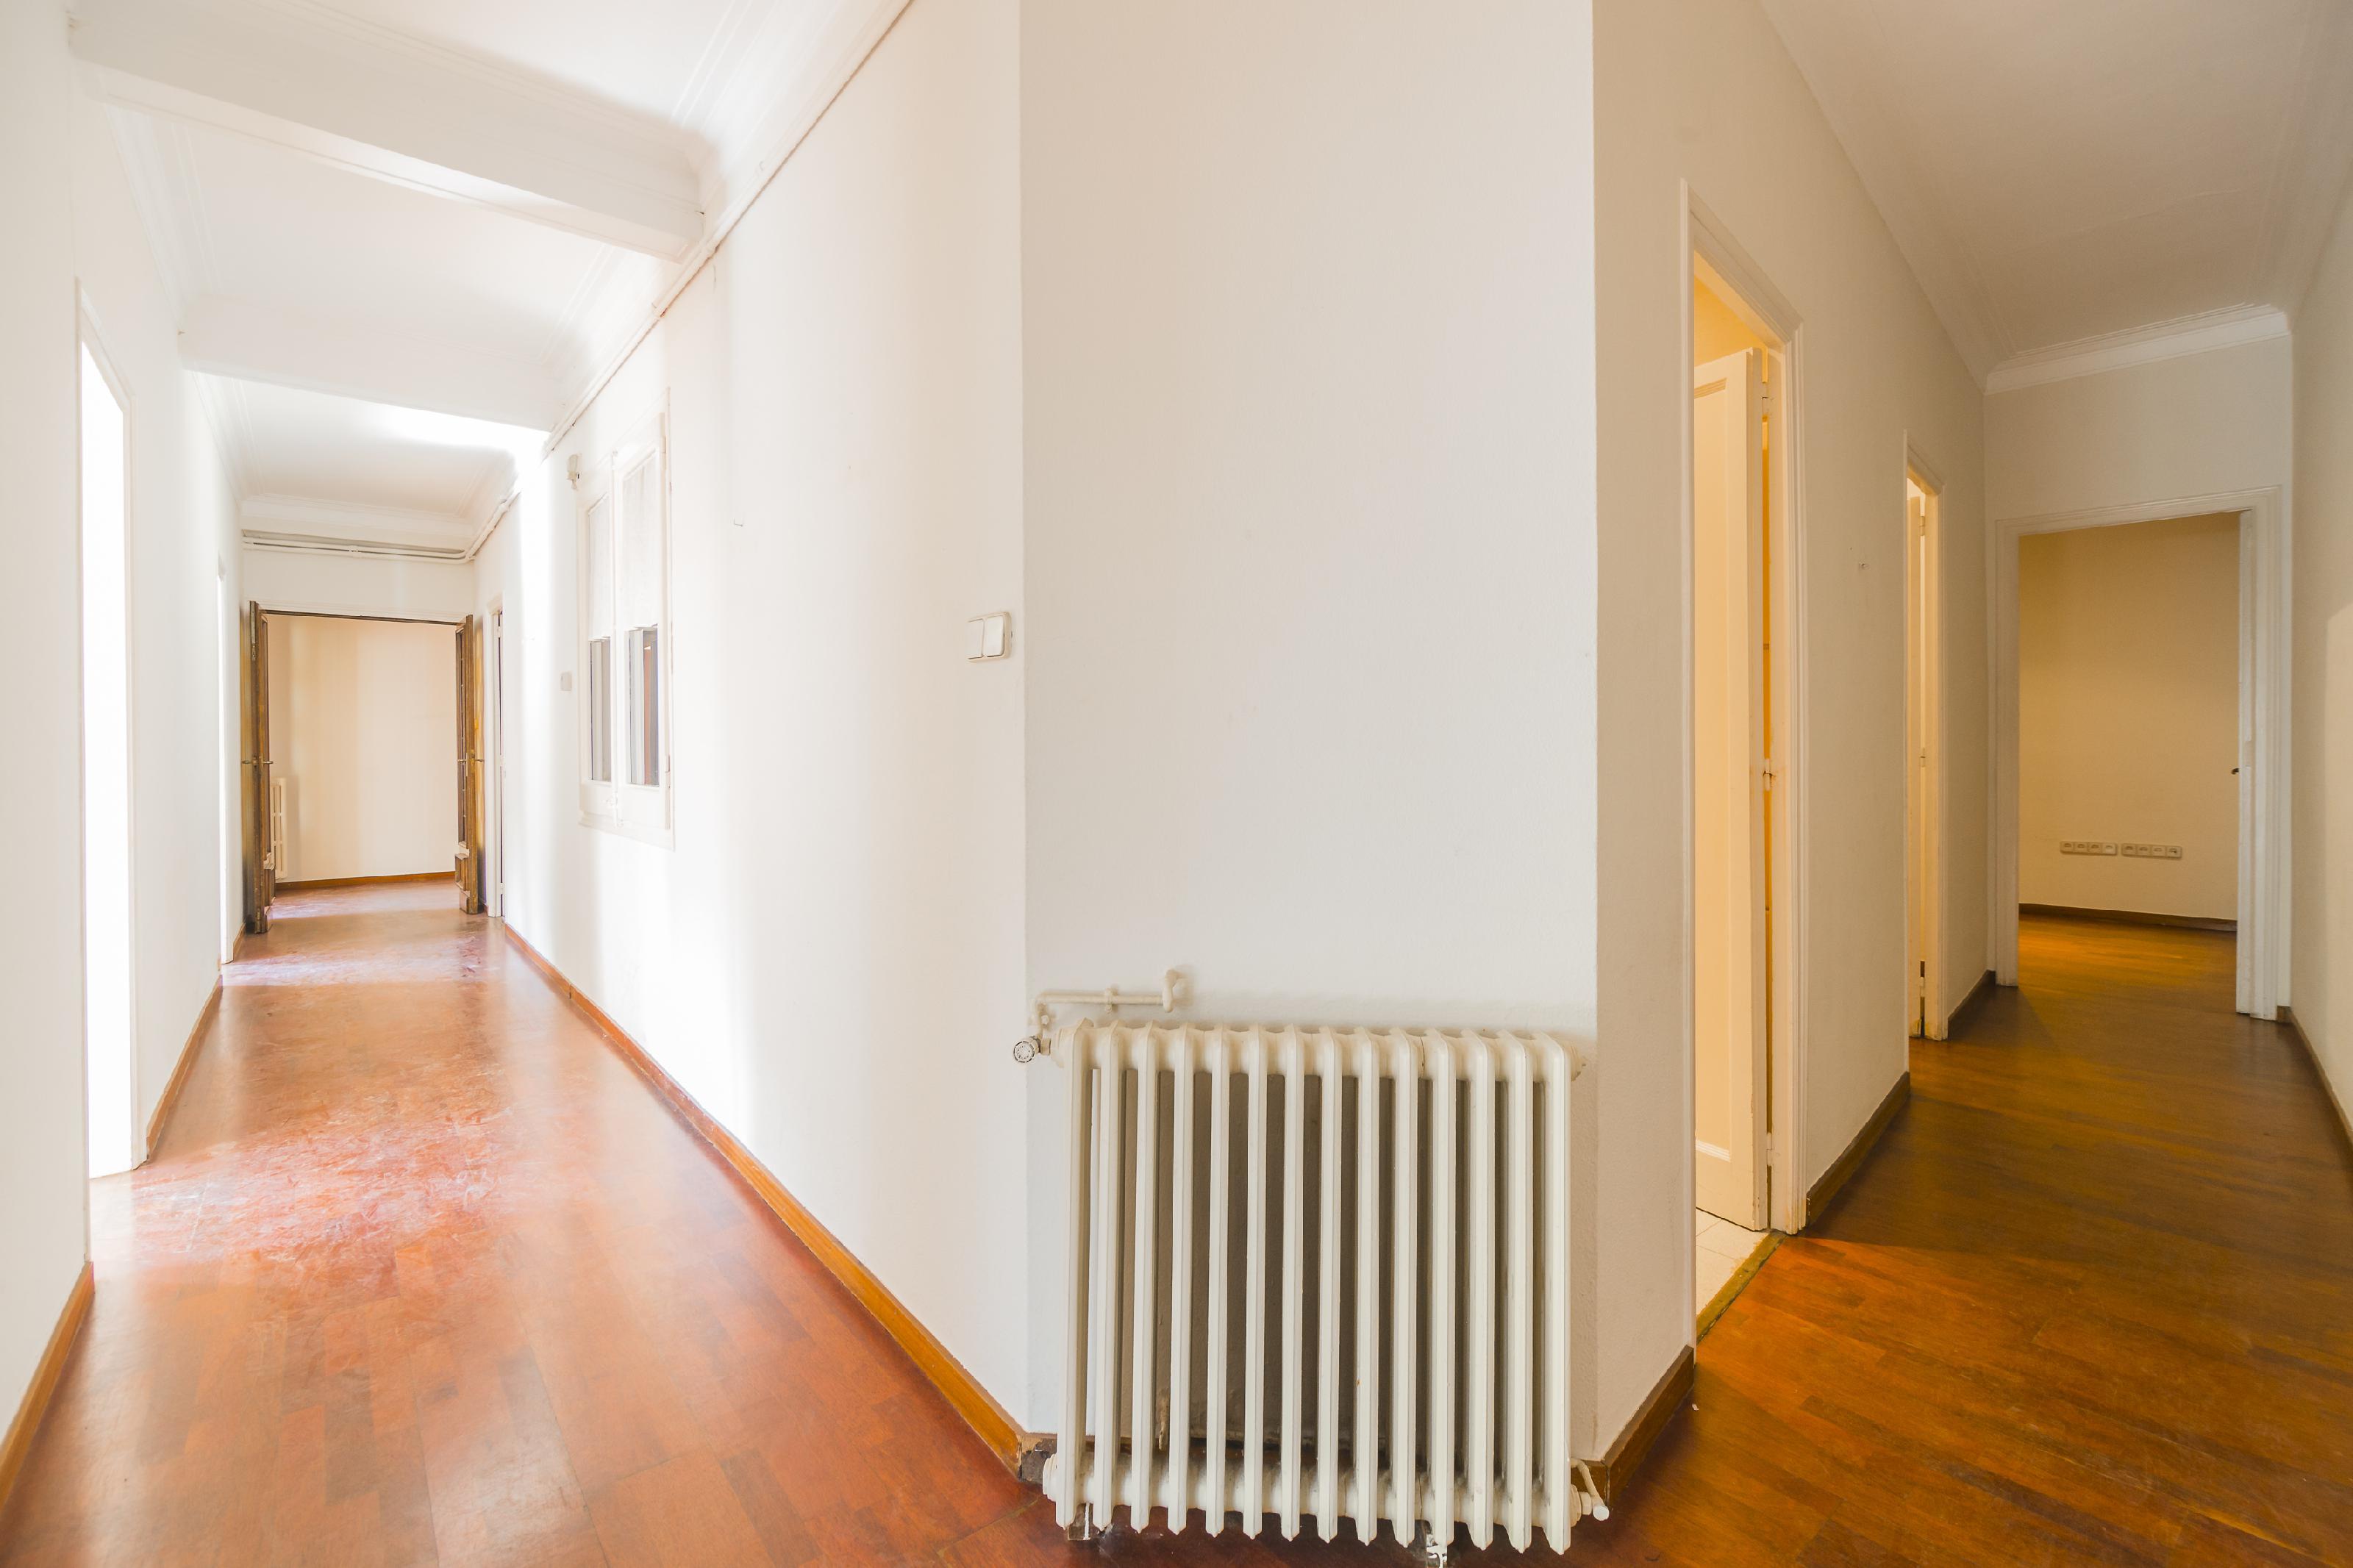 246347 Flat for sale in Sarrià-Sant Gervasi, St. Gervasi-Bonanova 15